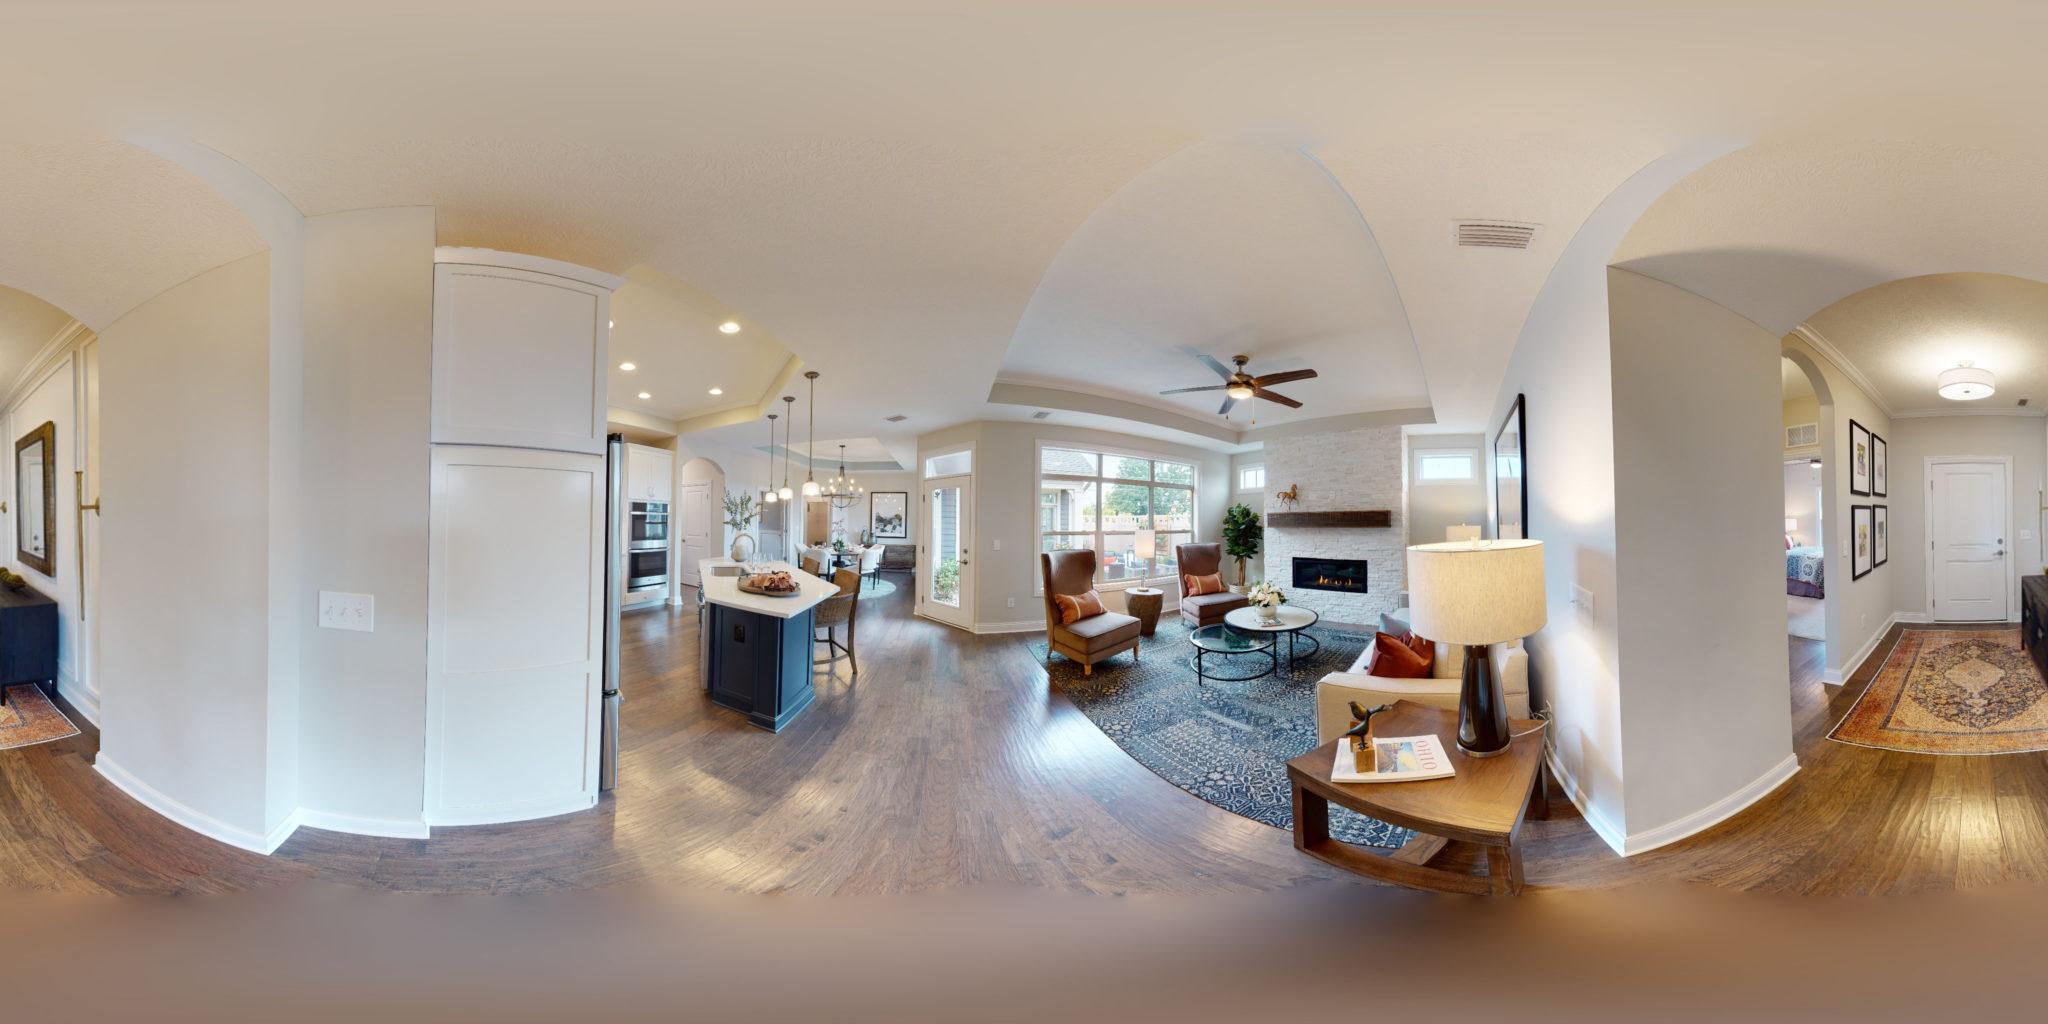 Portico_Interior_Living Area